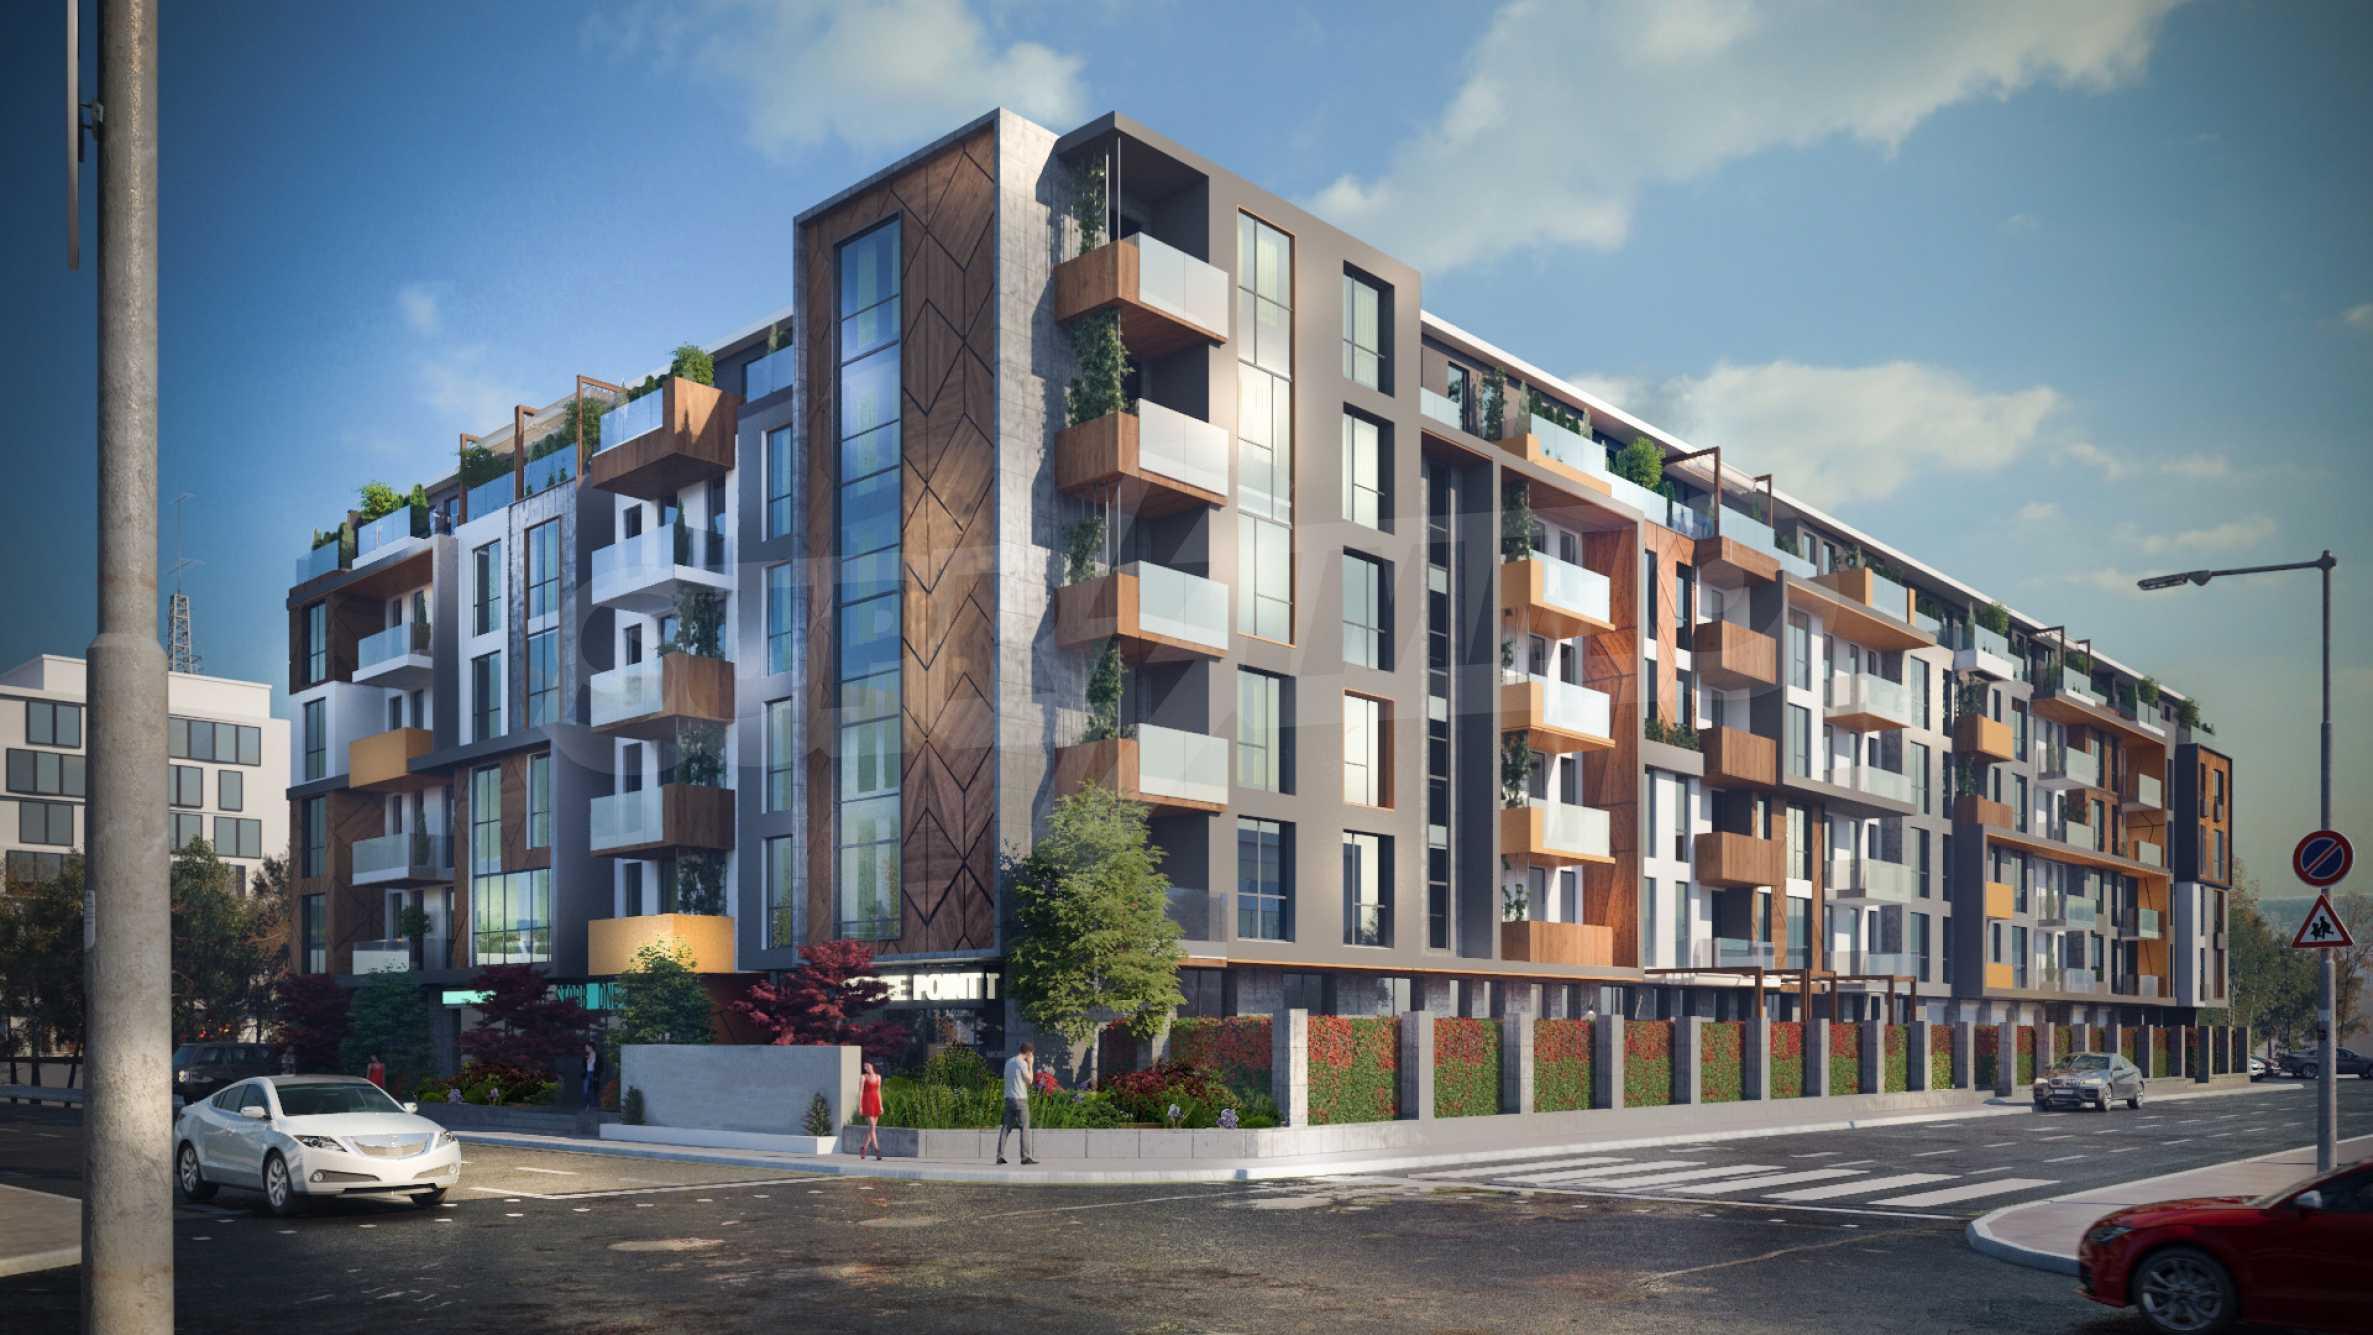 Ексклузивен комплекс на отлична локация в близост до бъдеща метростанция  13